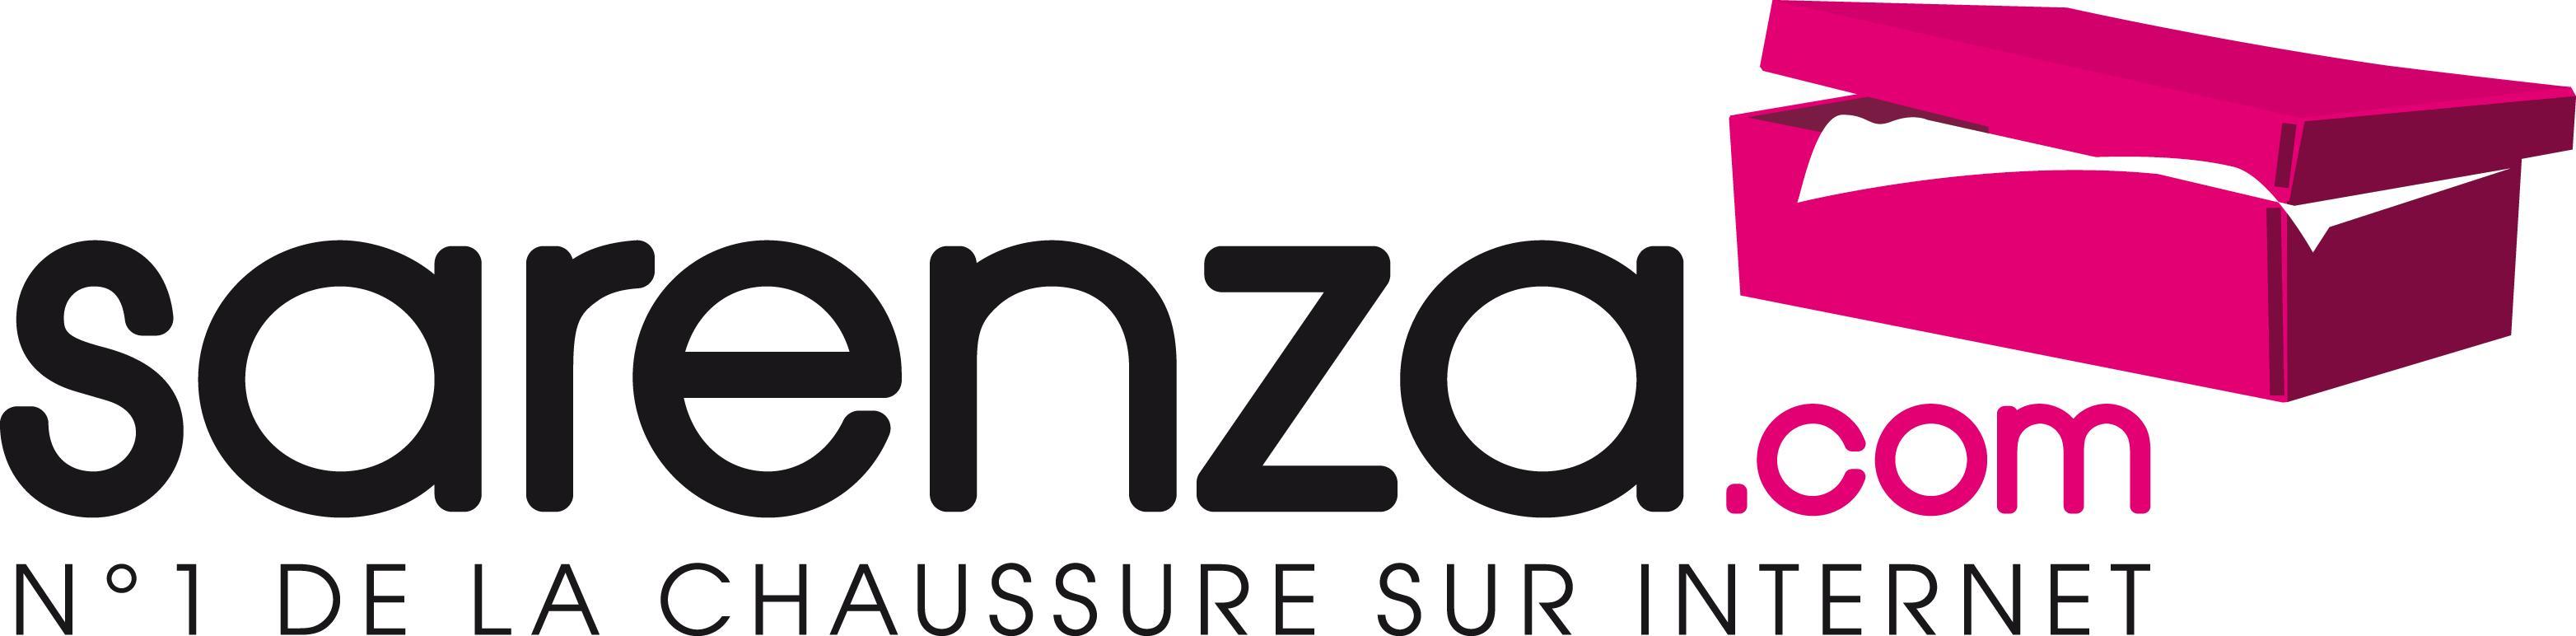 20% de réduction dès 100€ d'achat sur une sélection de marques  via l'application mobile